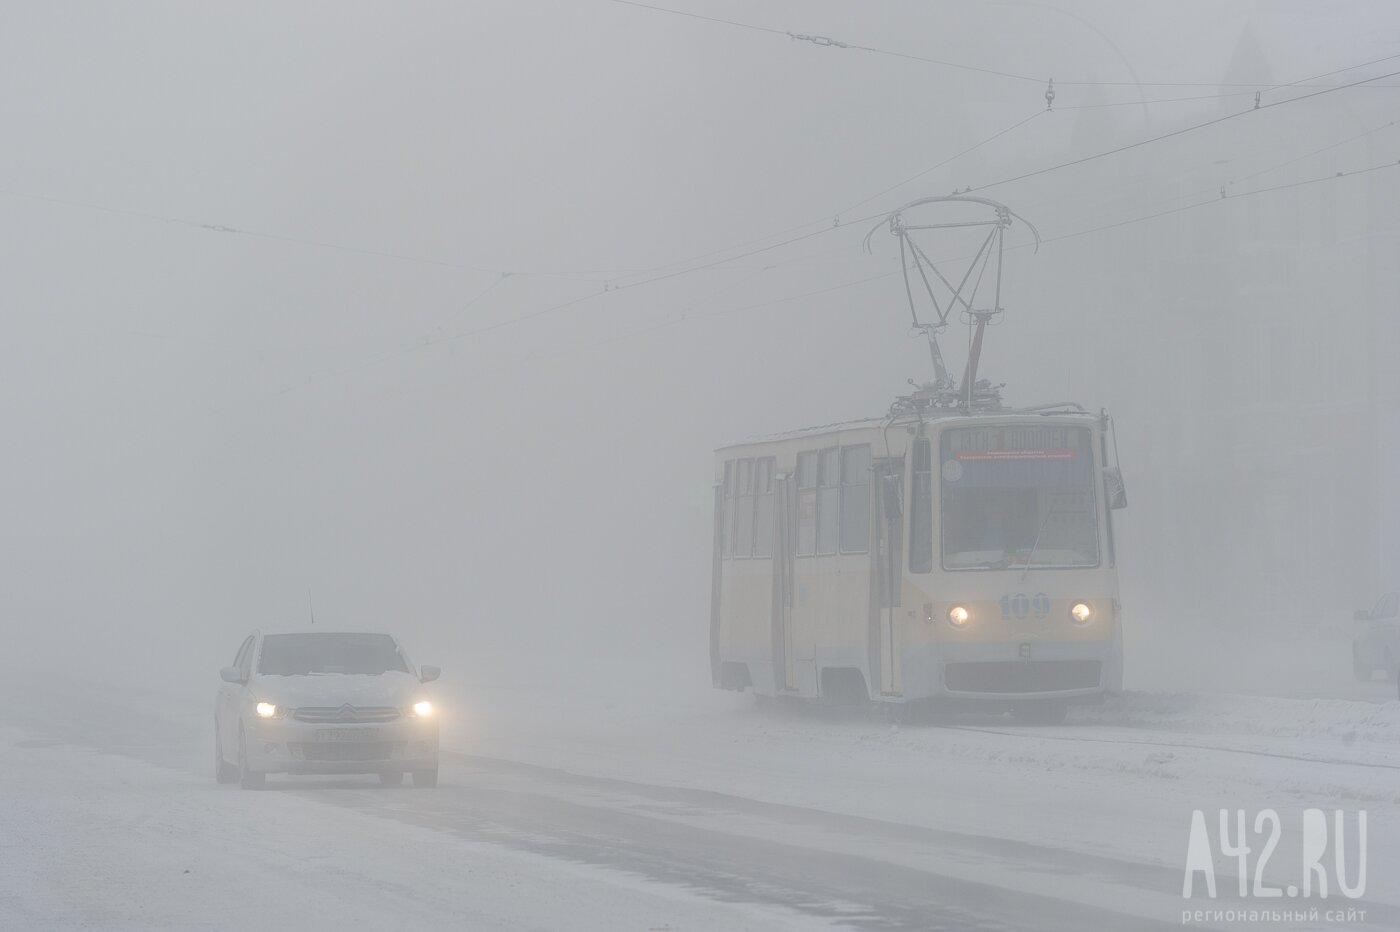 ВКузбассе 26января сократят рабочий день